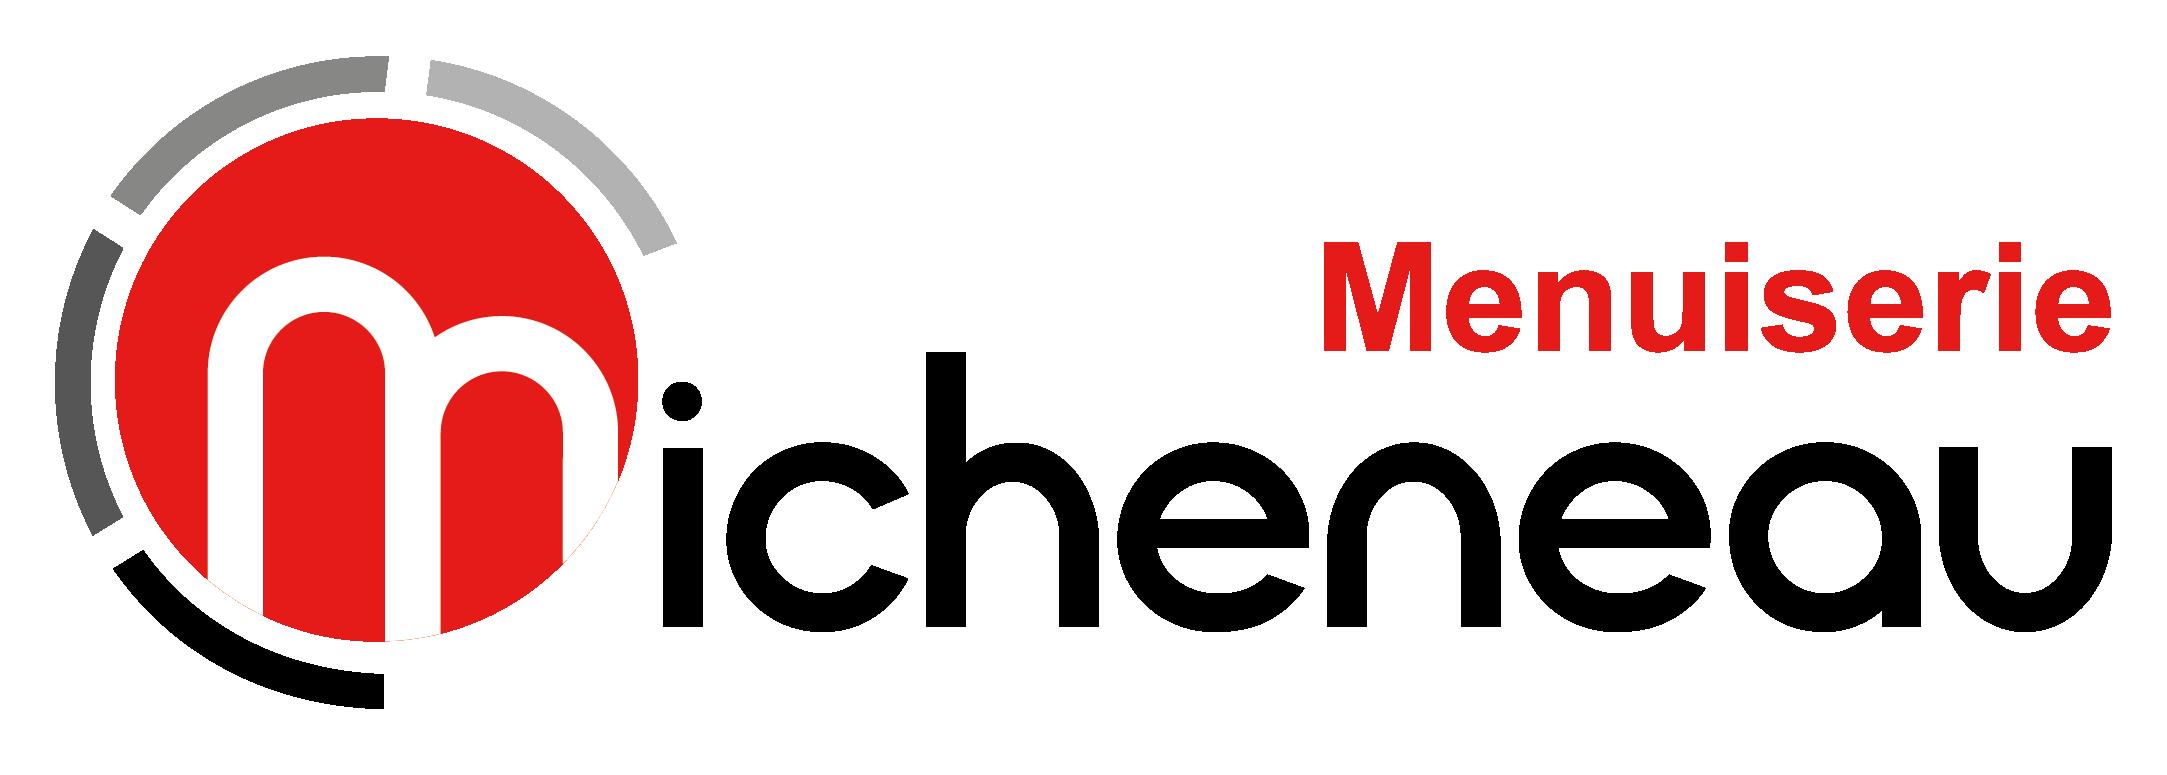 Menuiserie Micheneau